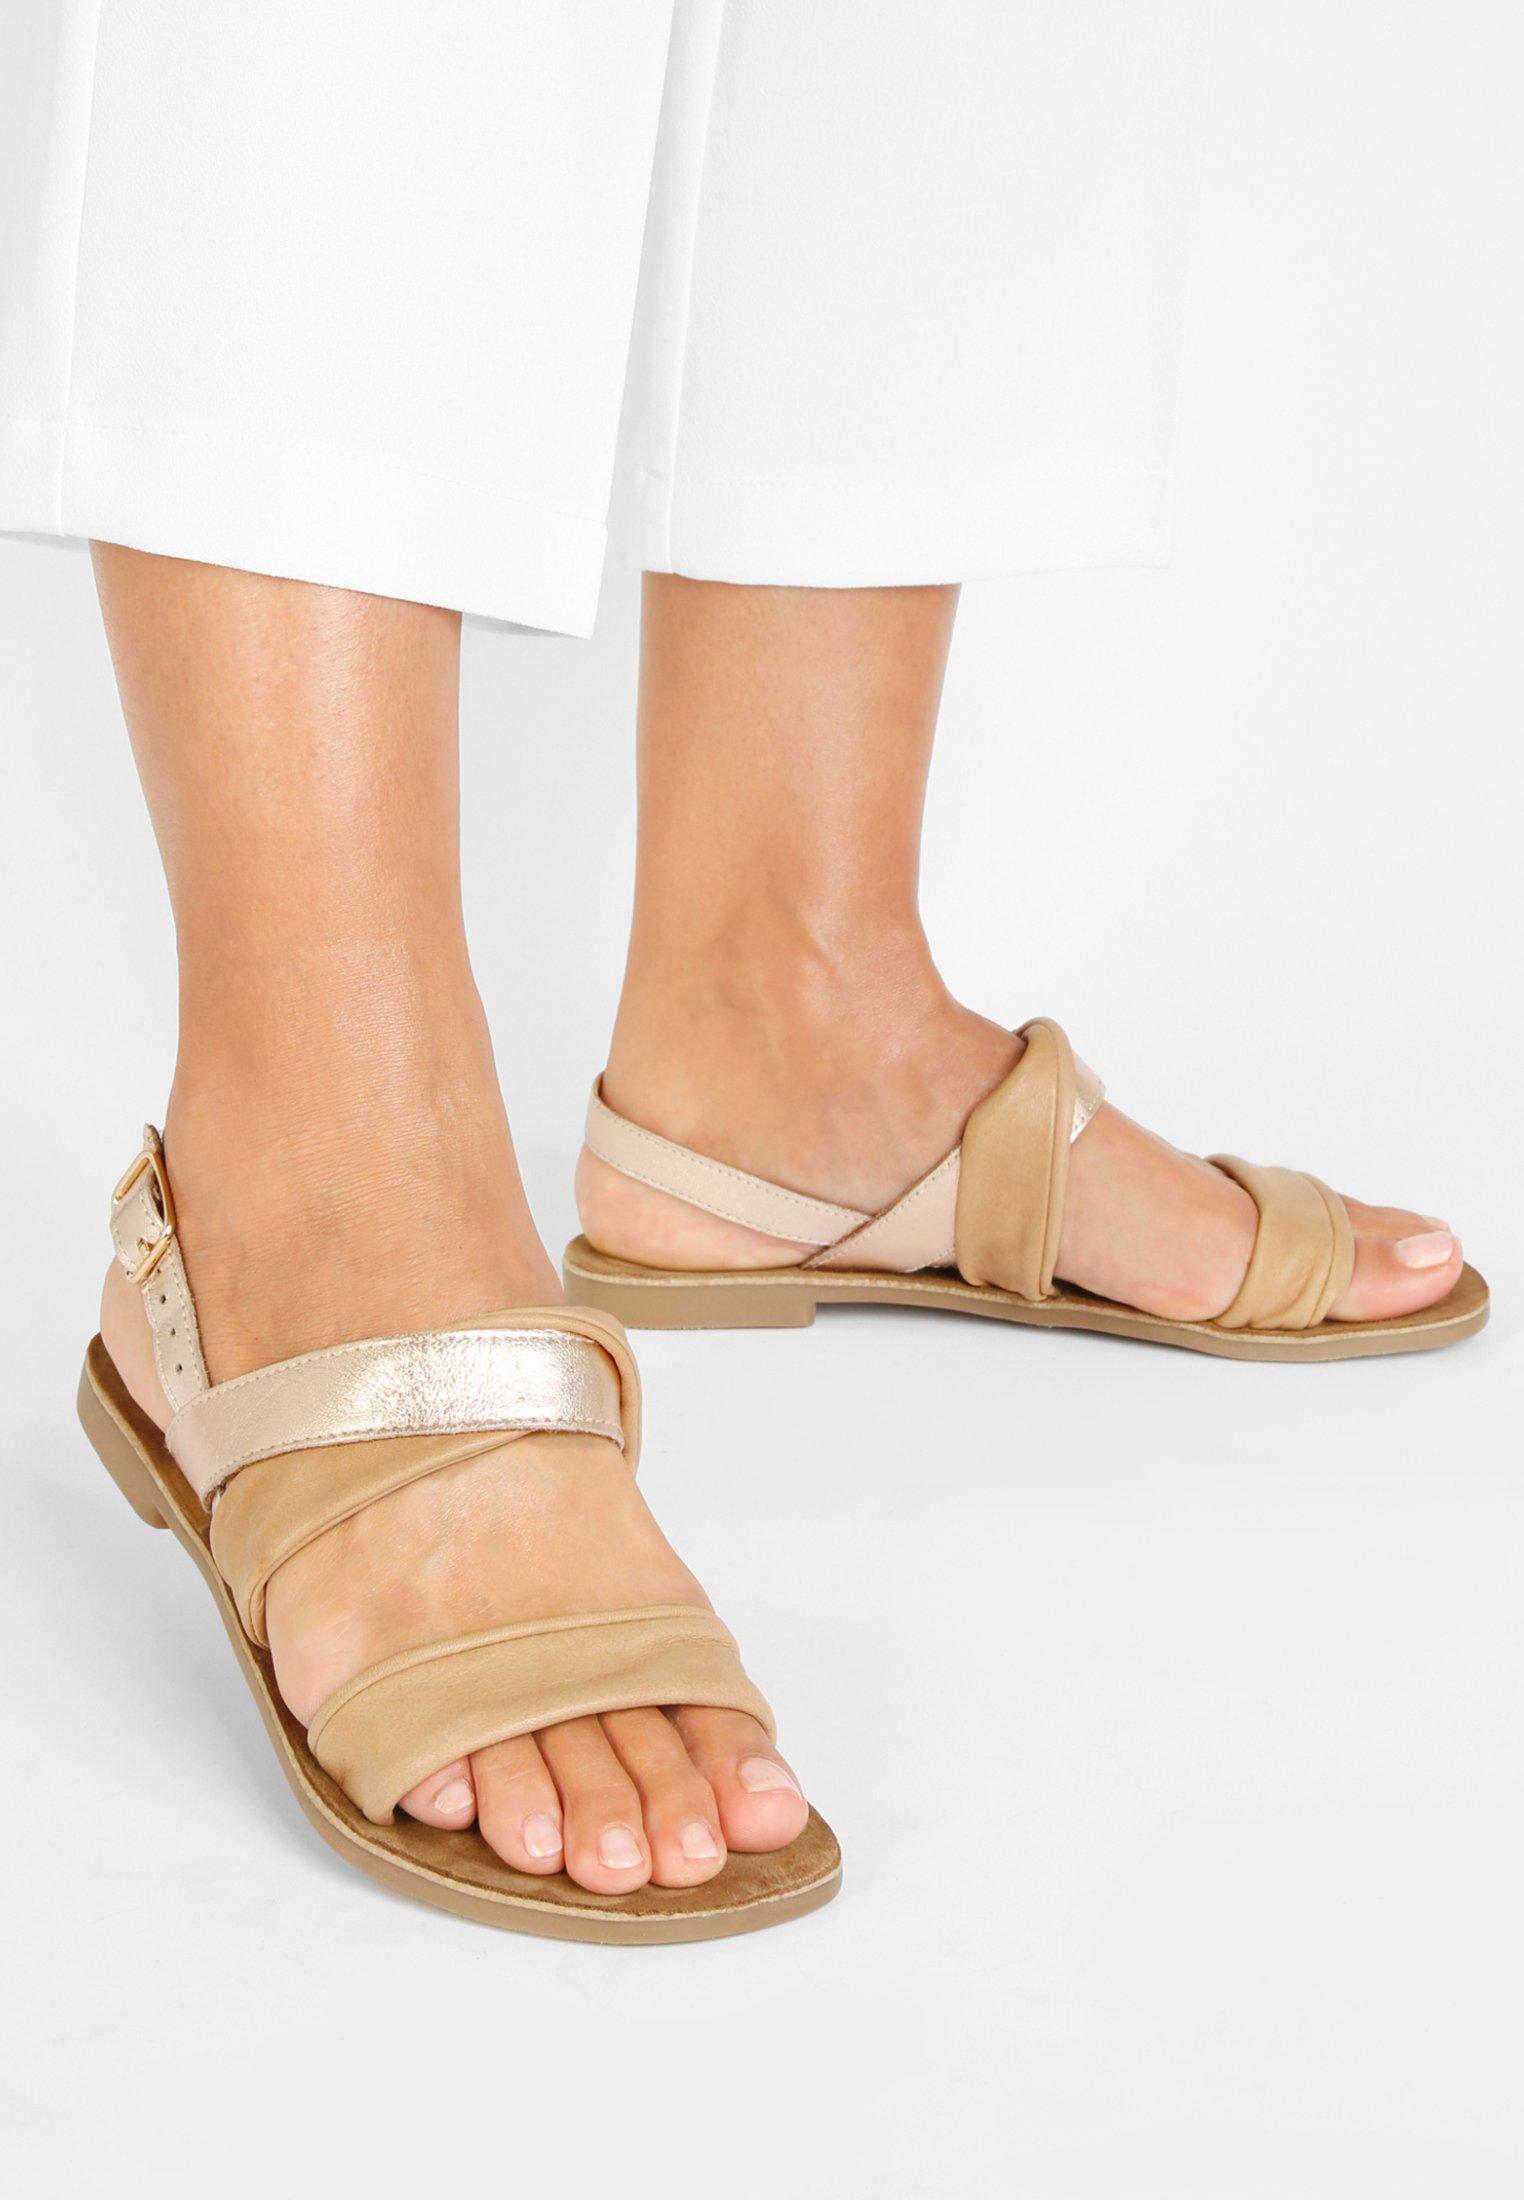 Stylowe brązowe sandały damskie Rieker idealne na ciepłe dni